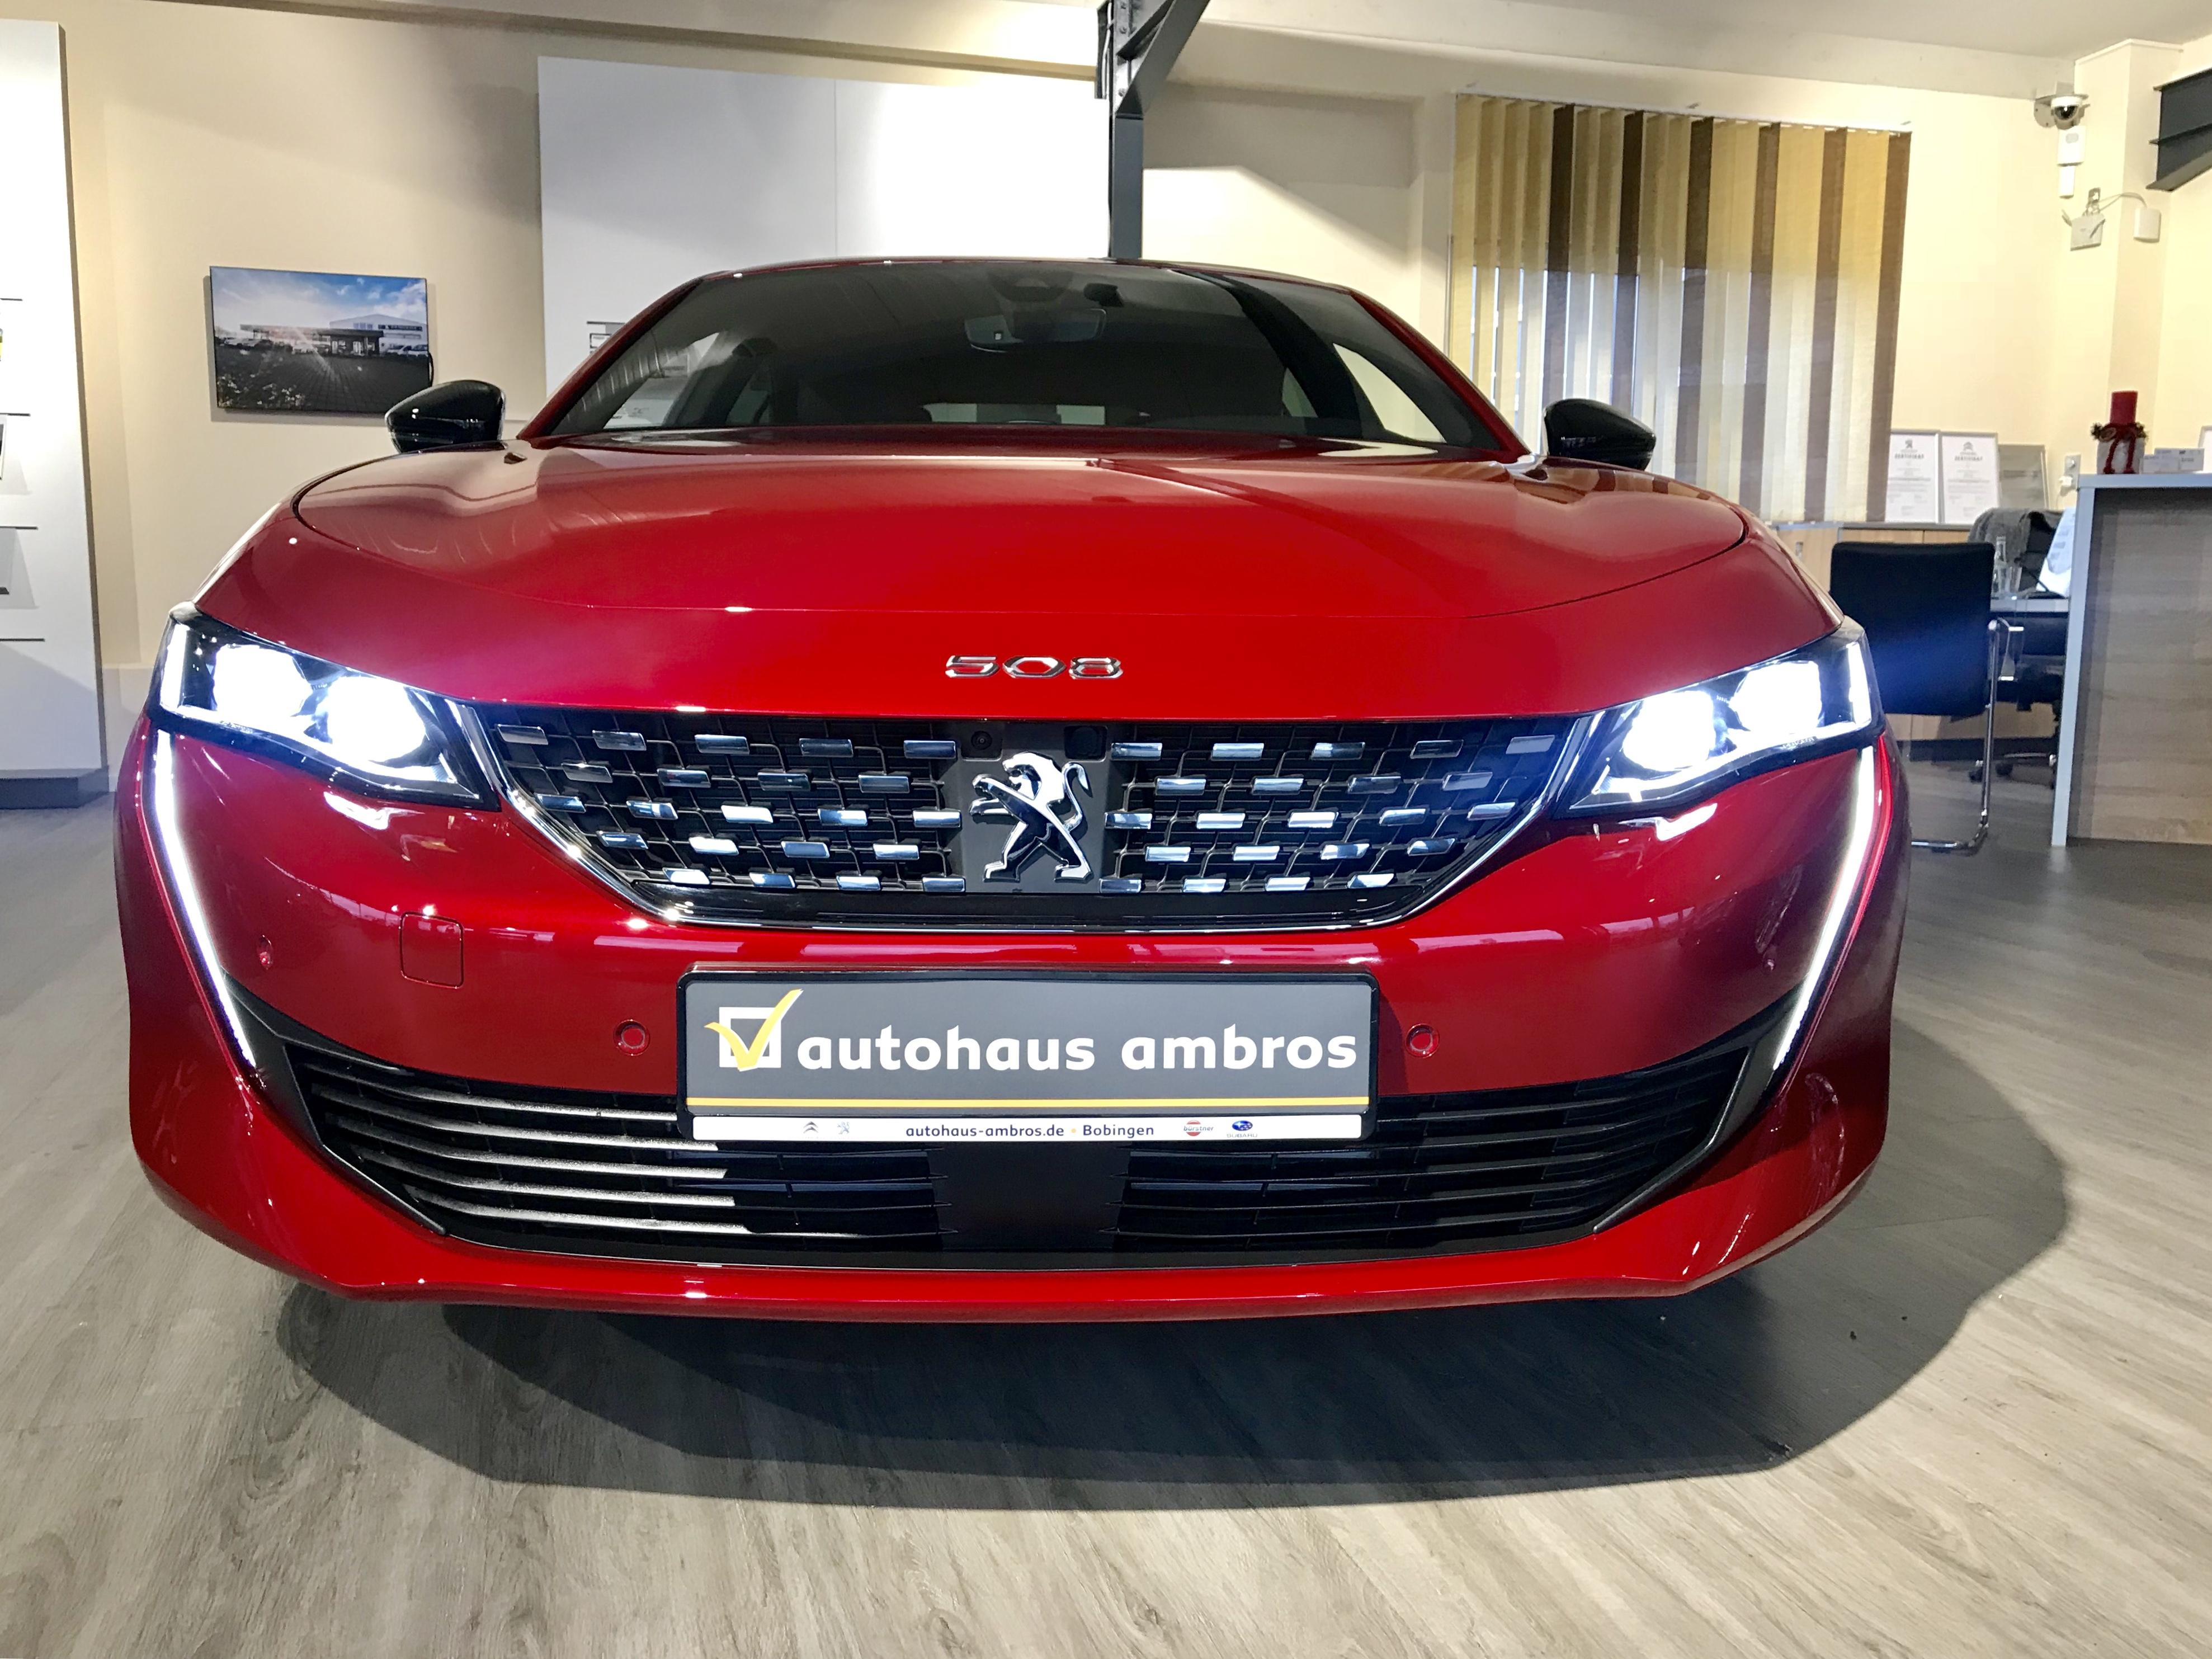 Wir haben es … das Topmodell der neuen Coupe' Limousine Peugeot 508!